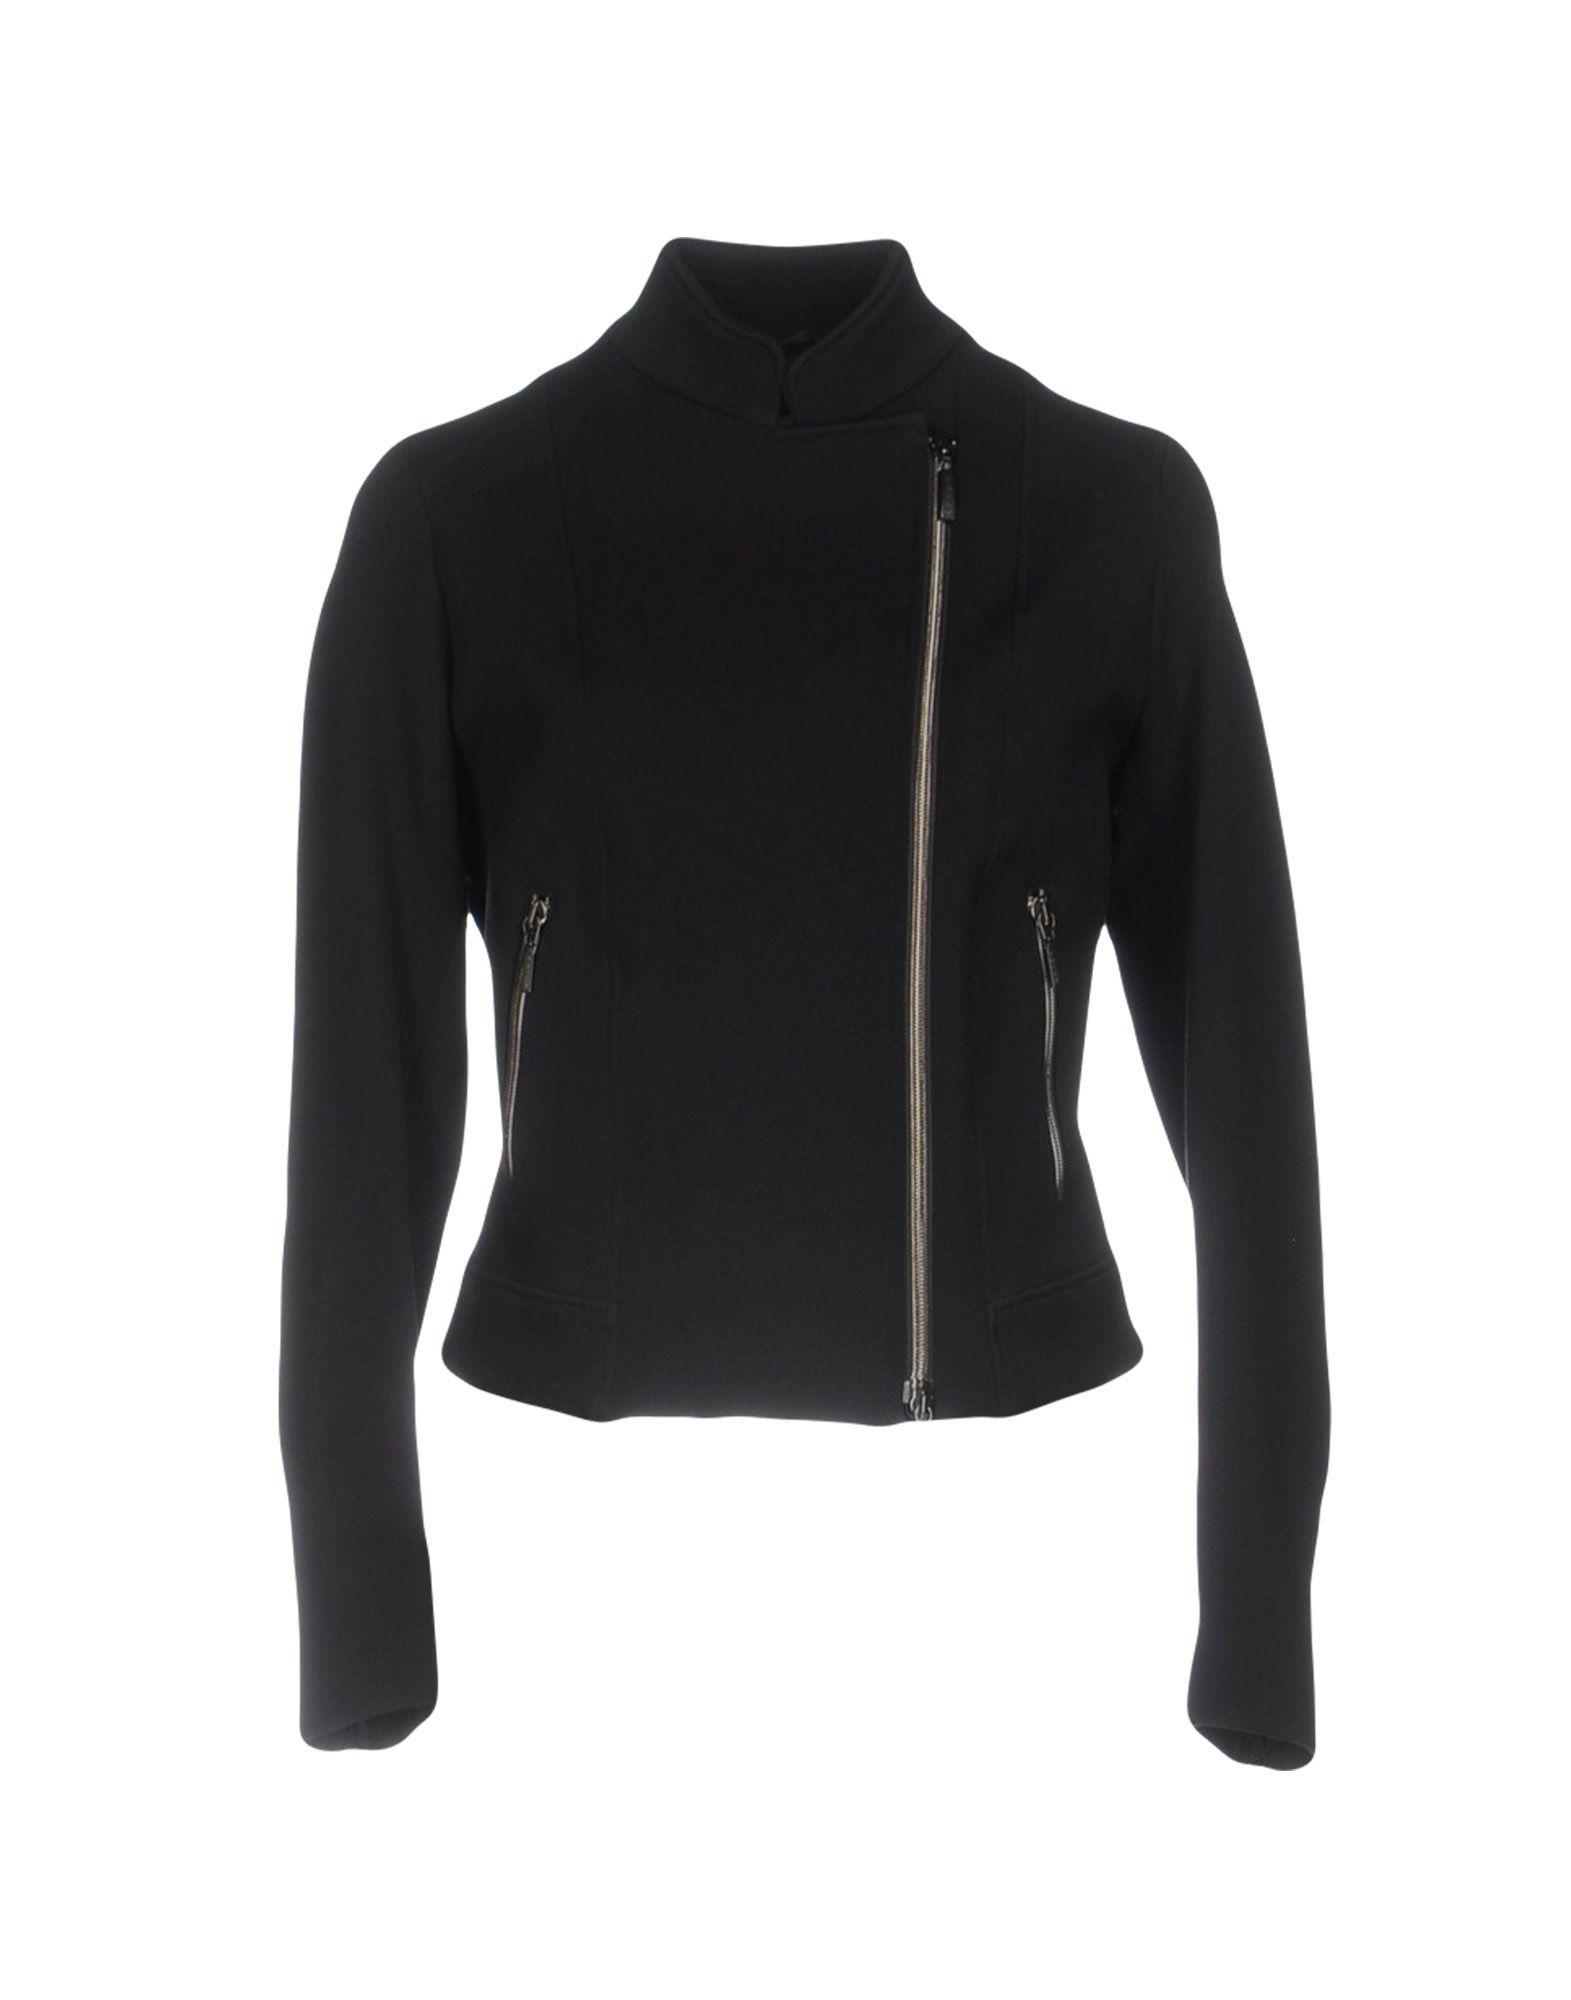 BREMA Damen Jacke Farbe Schwarz Größe 4 - broschei